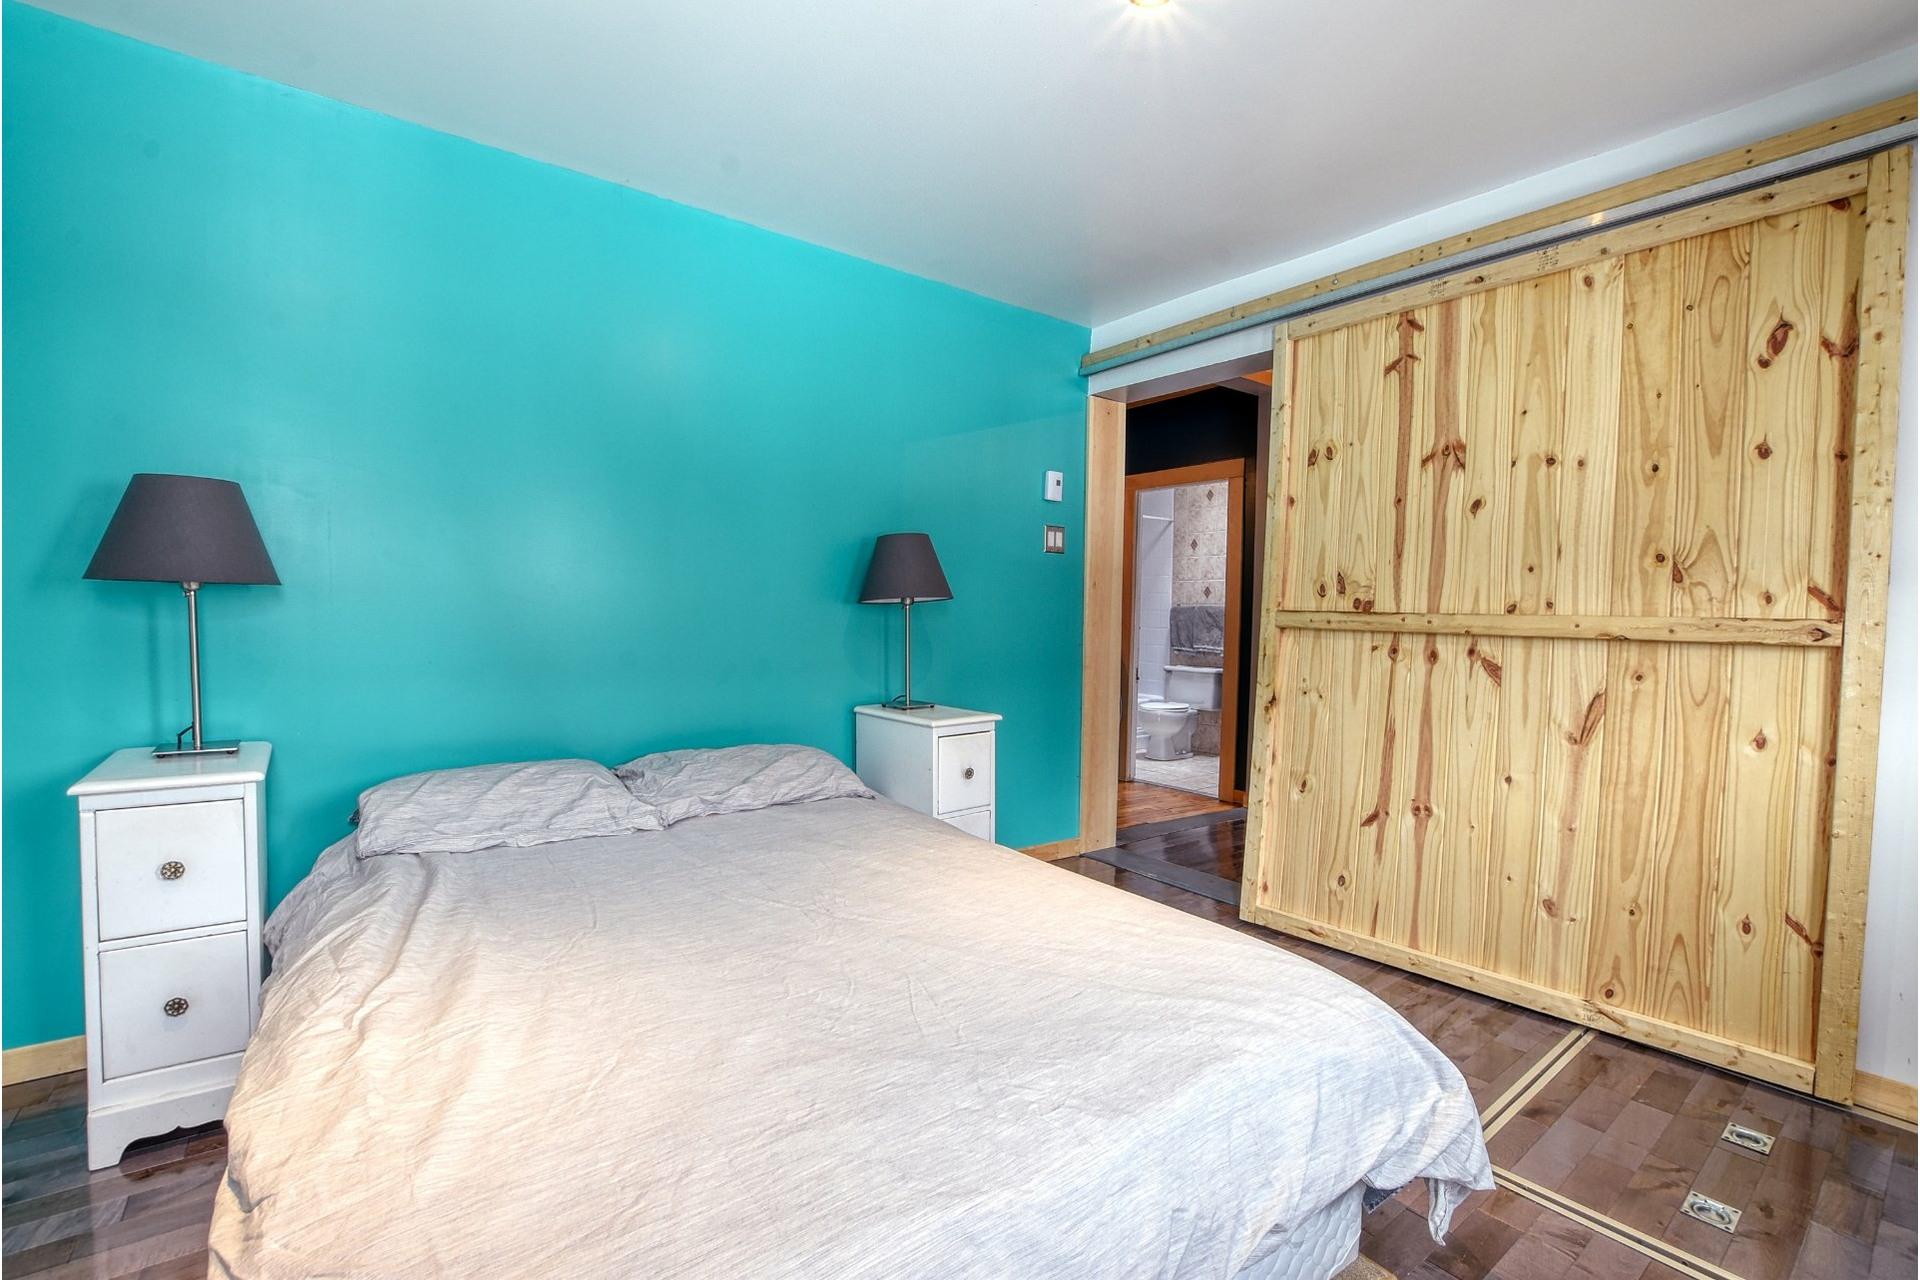 image 9 - House For sale Lachine Montréal  - 5 rooms